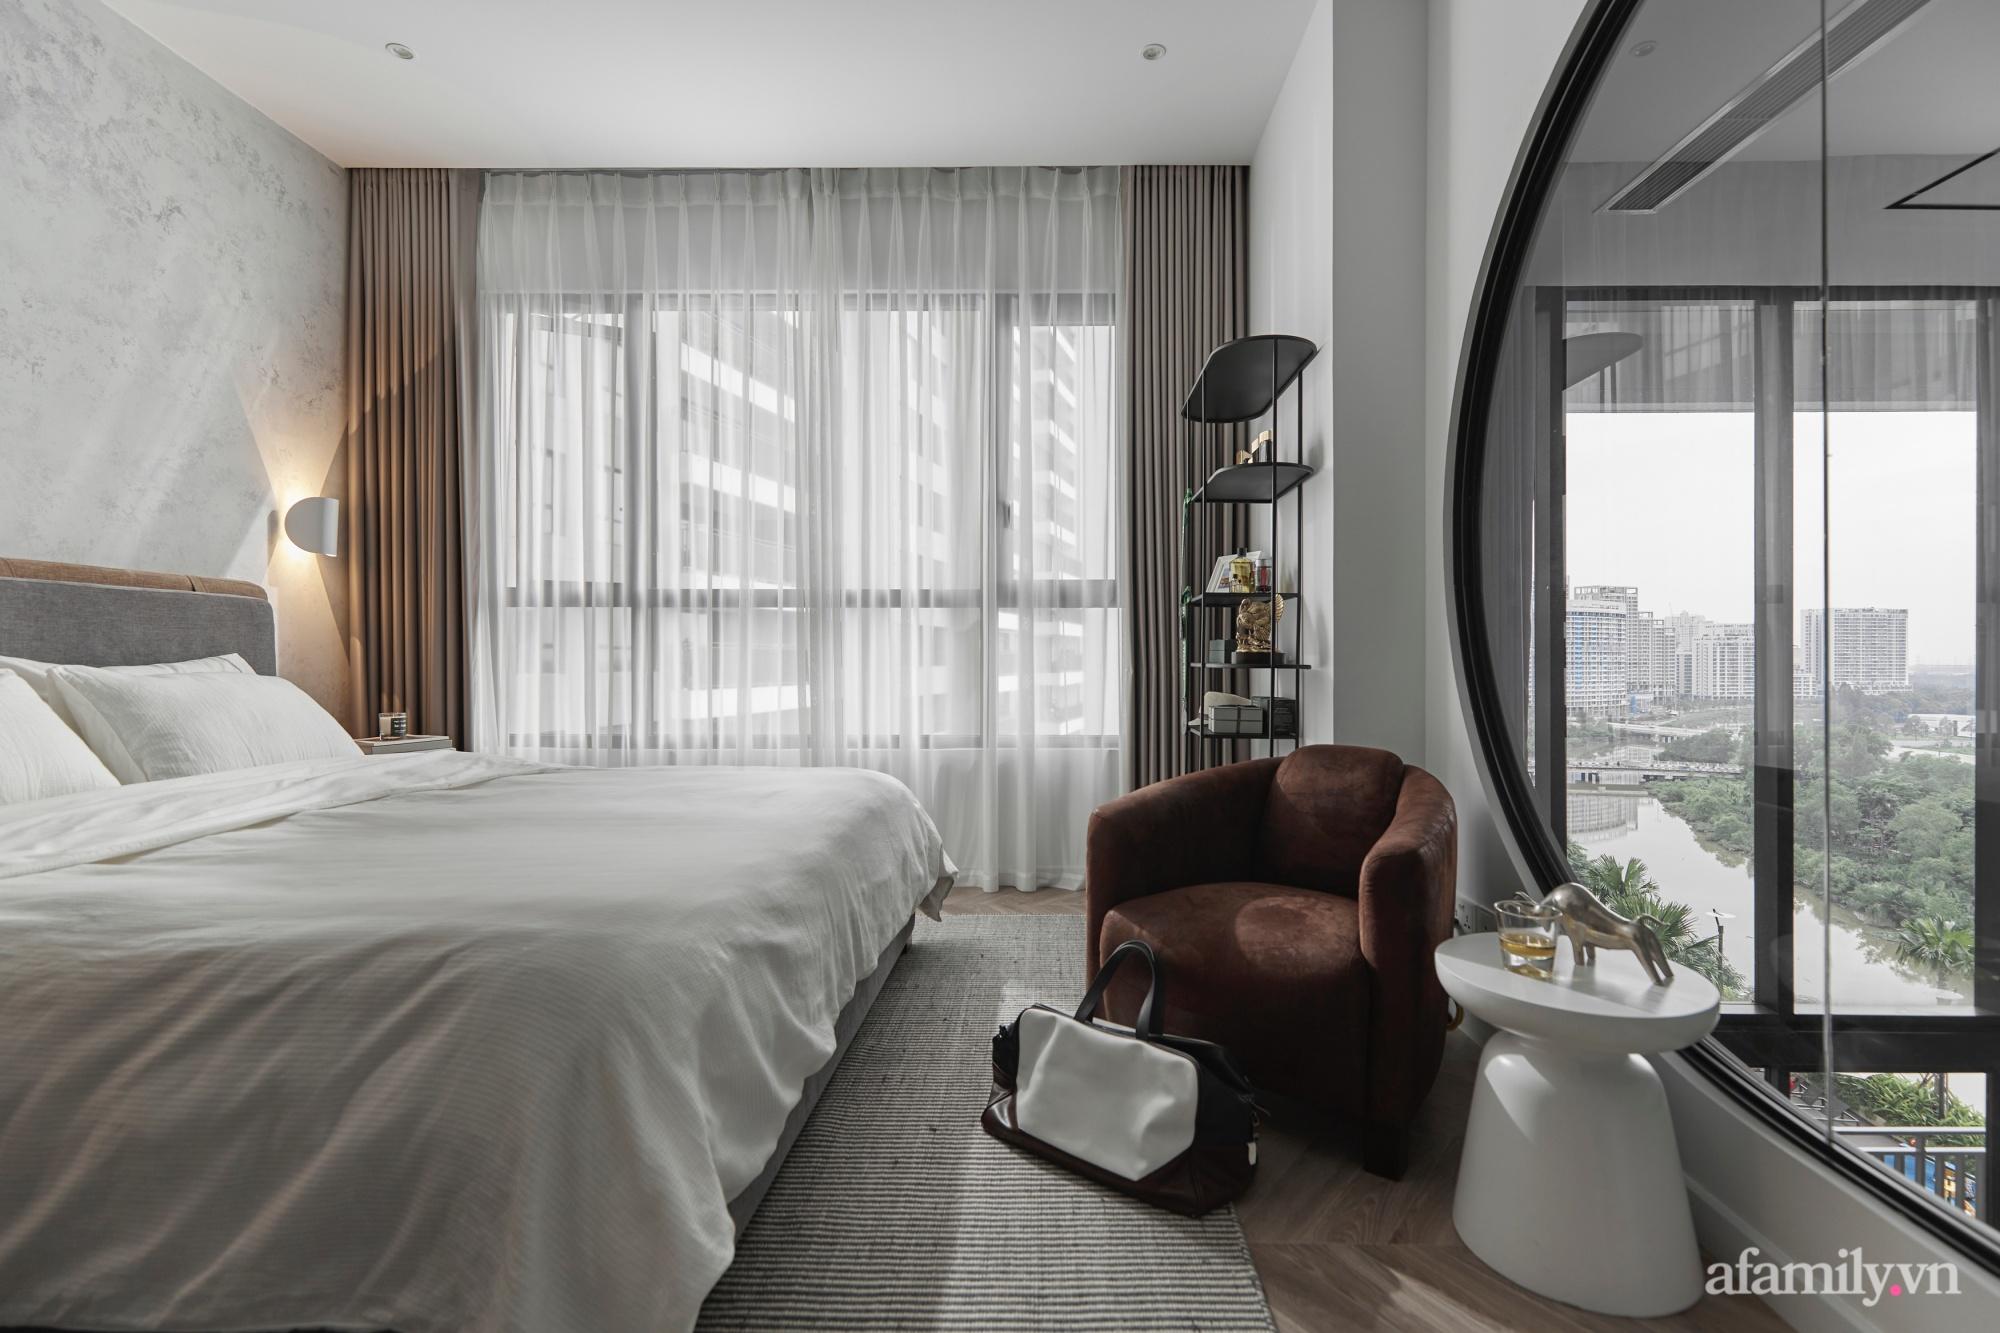 Căn hộ 2 tầng rộng 145m² đẹp sang trọng với điểm nhấn mộc mạc từ chất liệu bê tông ở Sài Gòn - Ảnh 14.